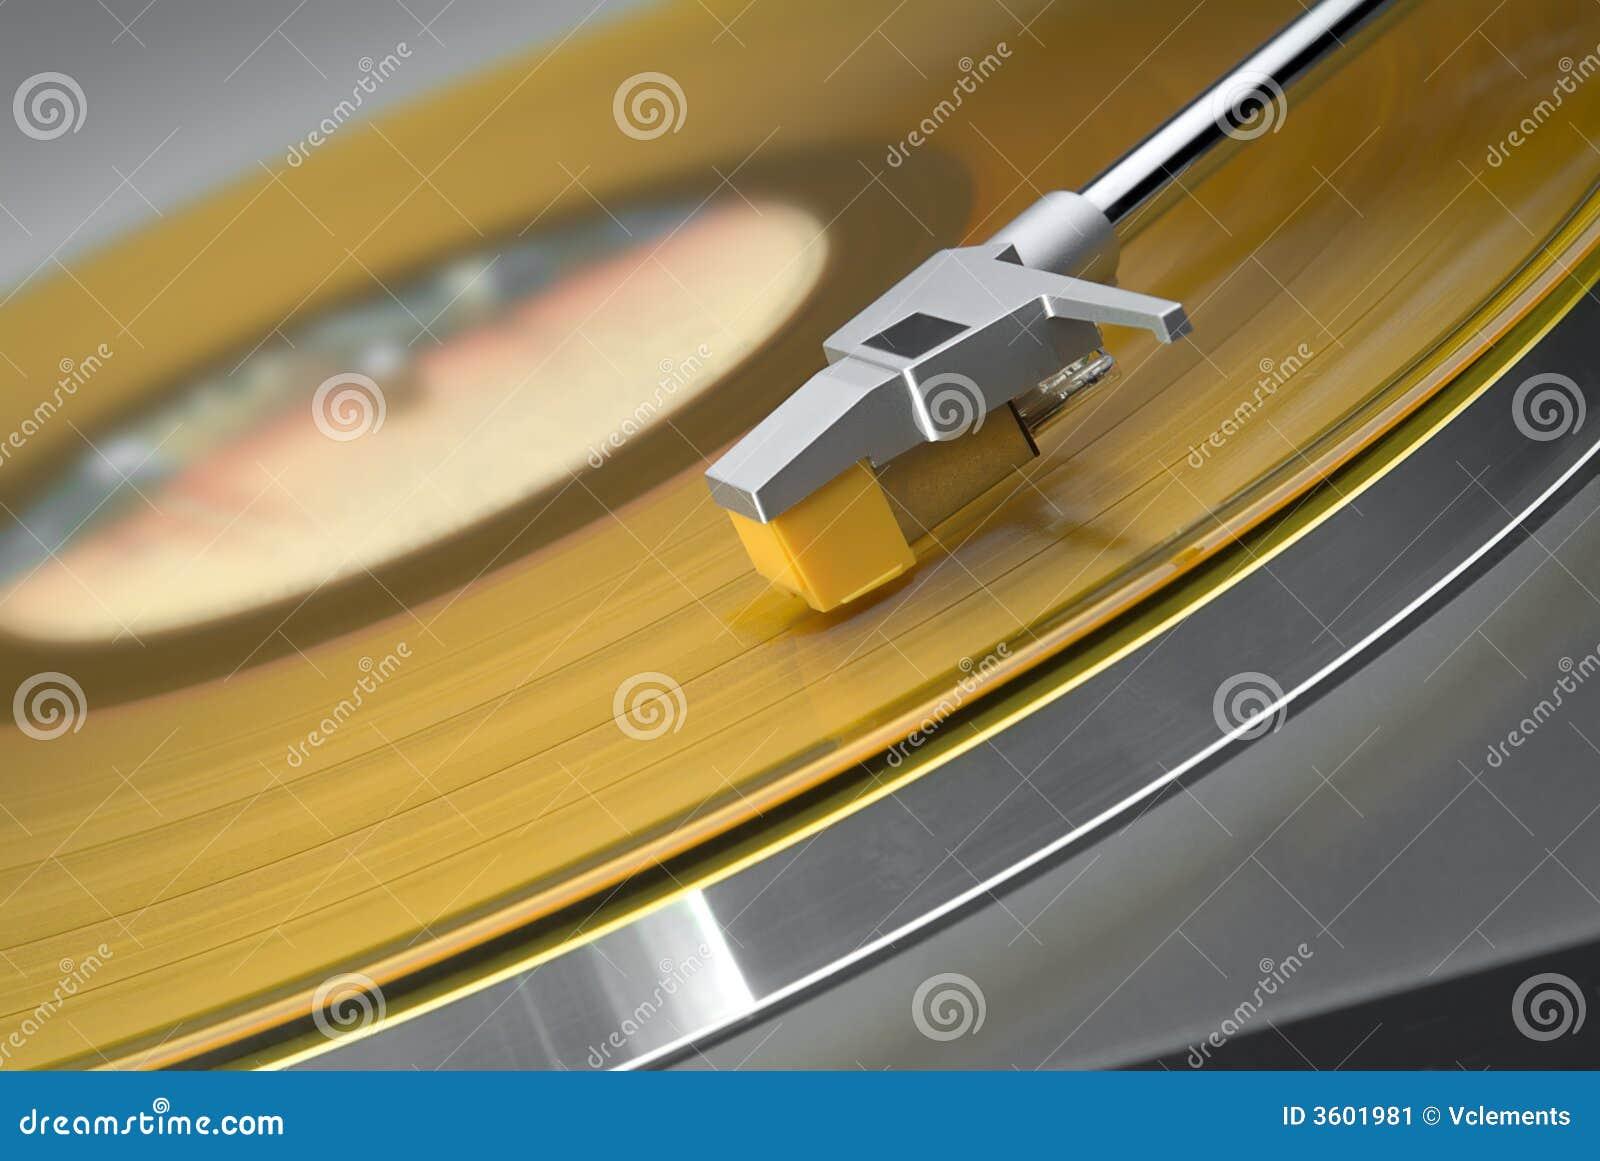 Gramofon wpisu, żółty